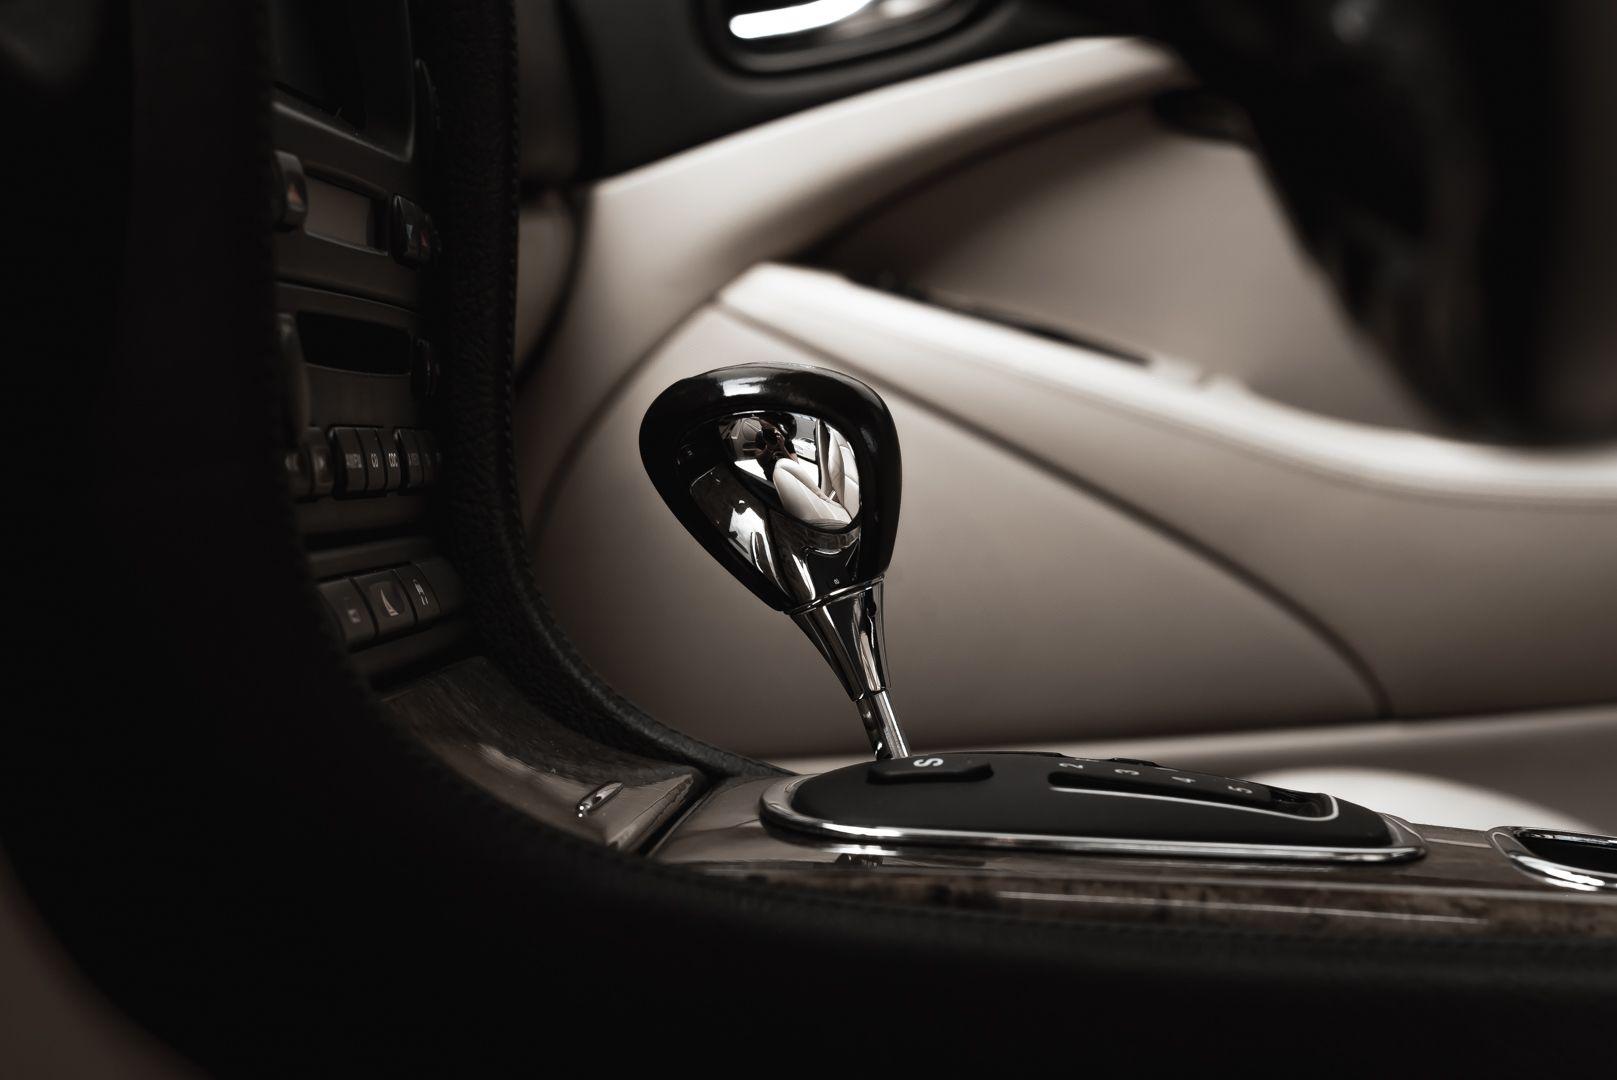 2002 Jaguar S-Type R 4.2 V8 81197